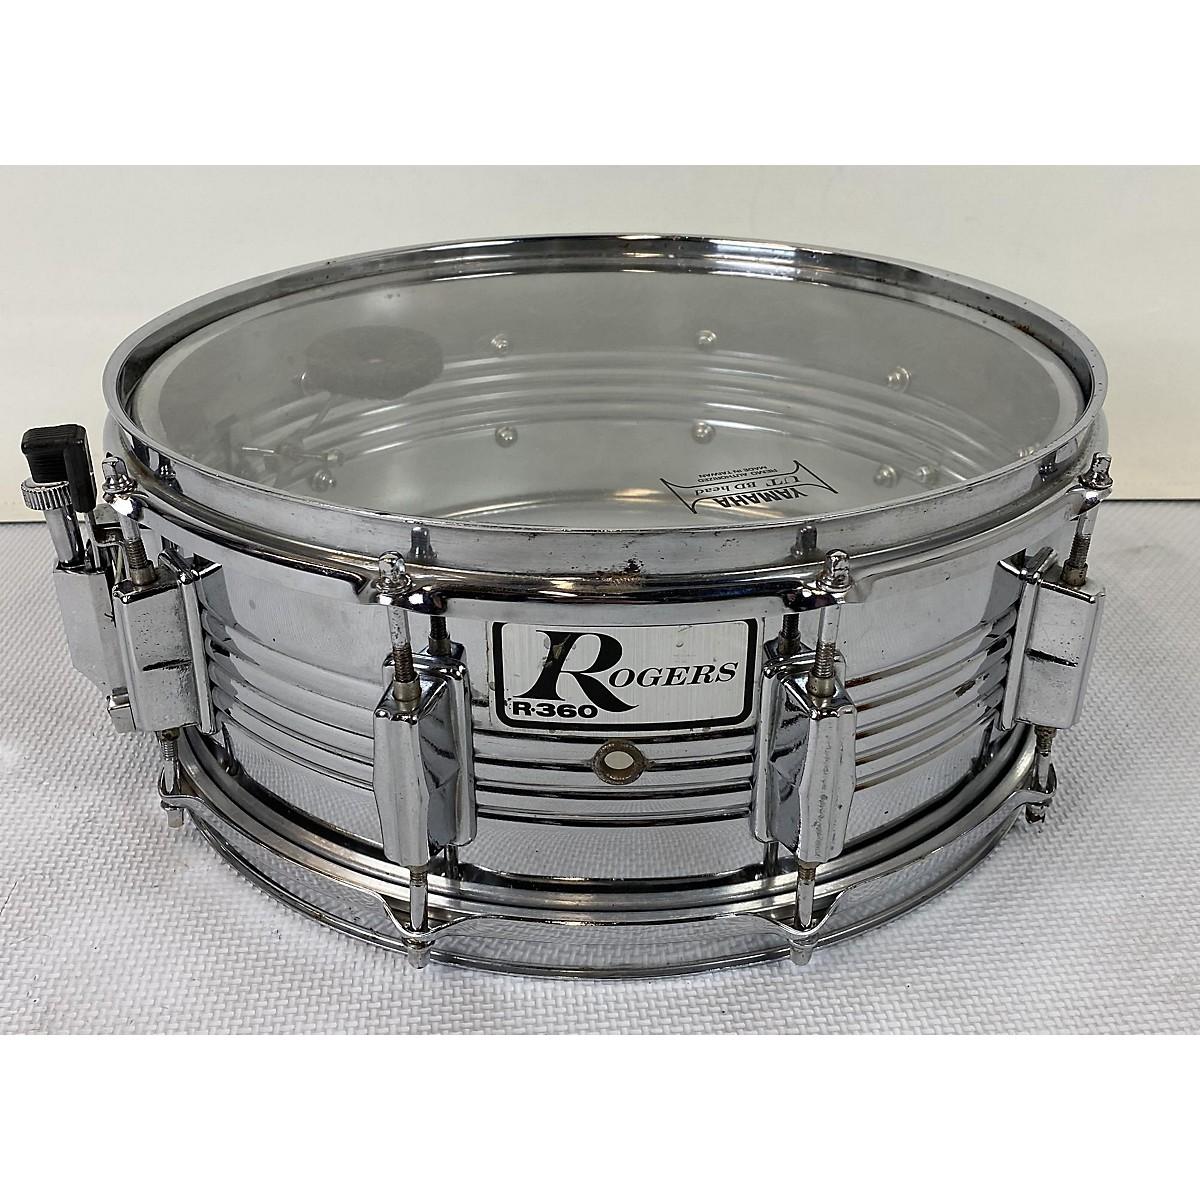 Rogers 5.5X14 Steel Snare Drum